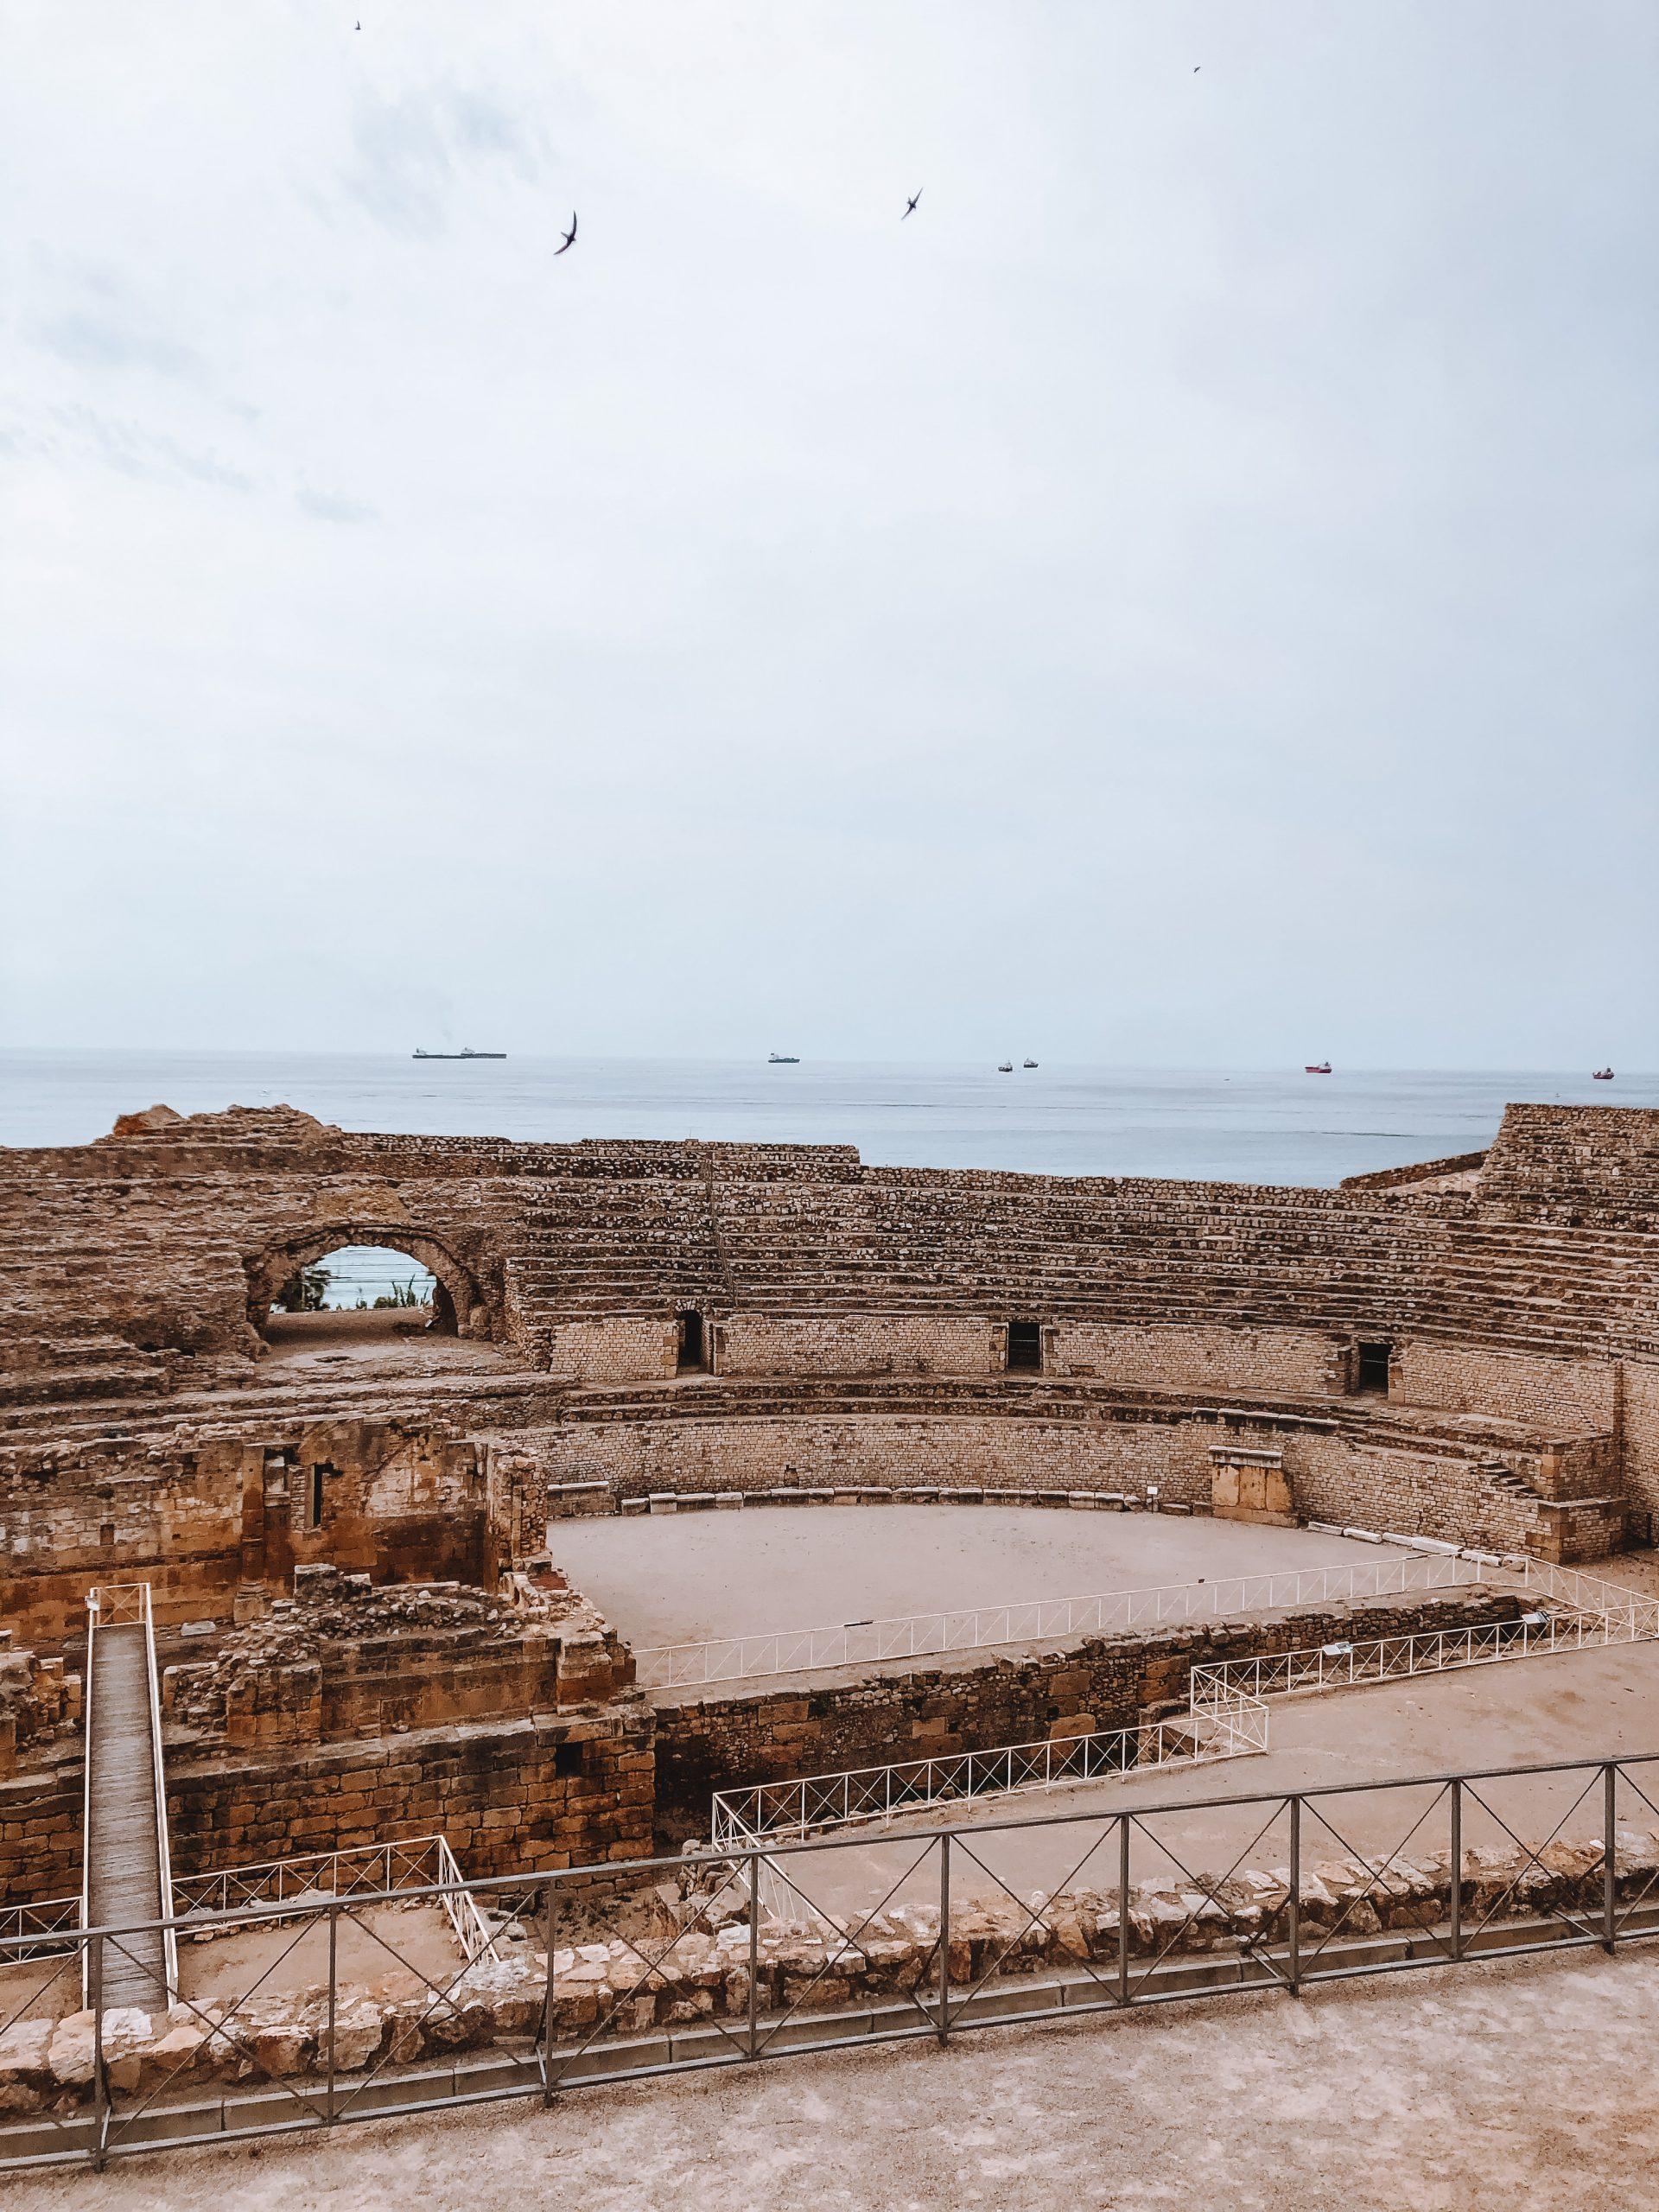 forum romain amphithéâtre espagne